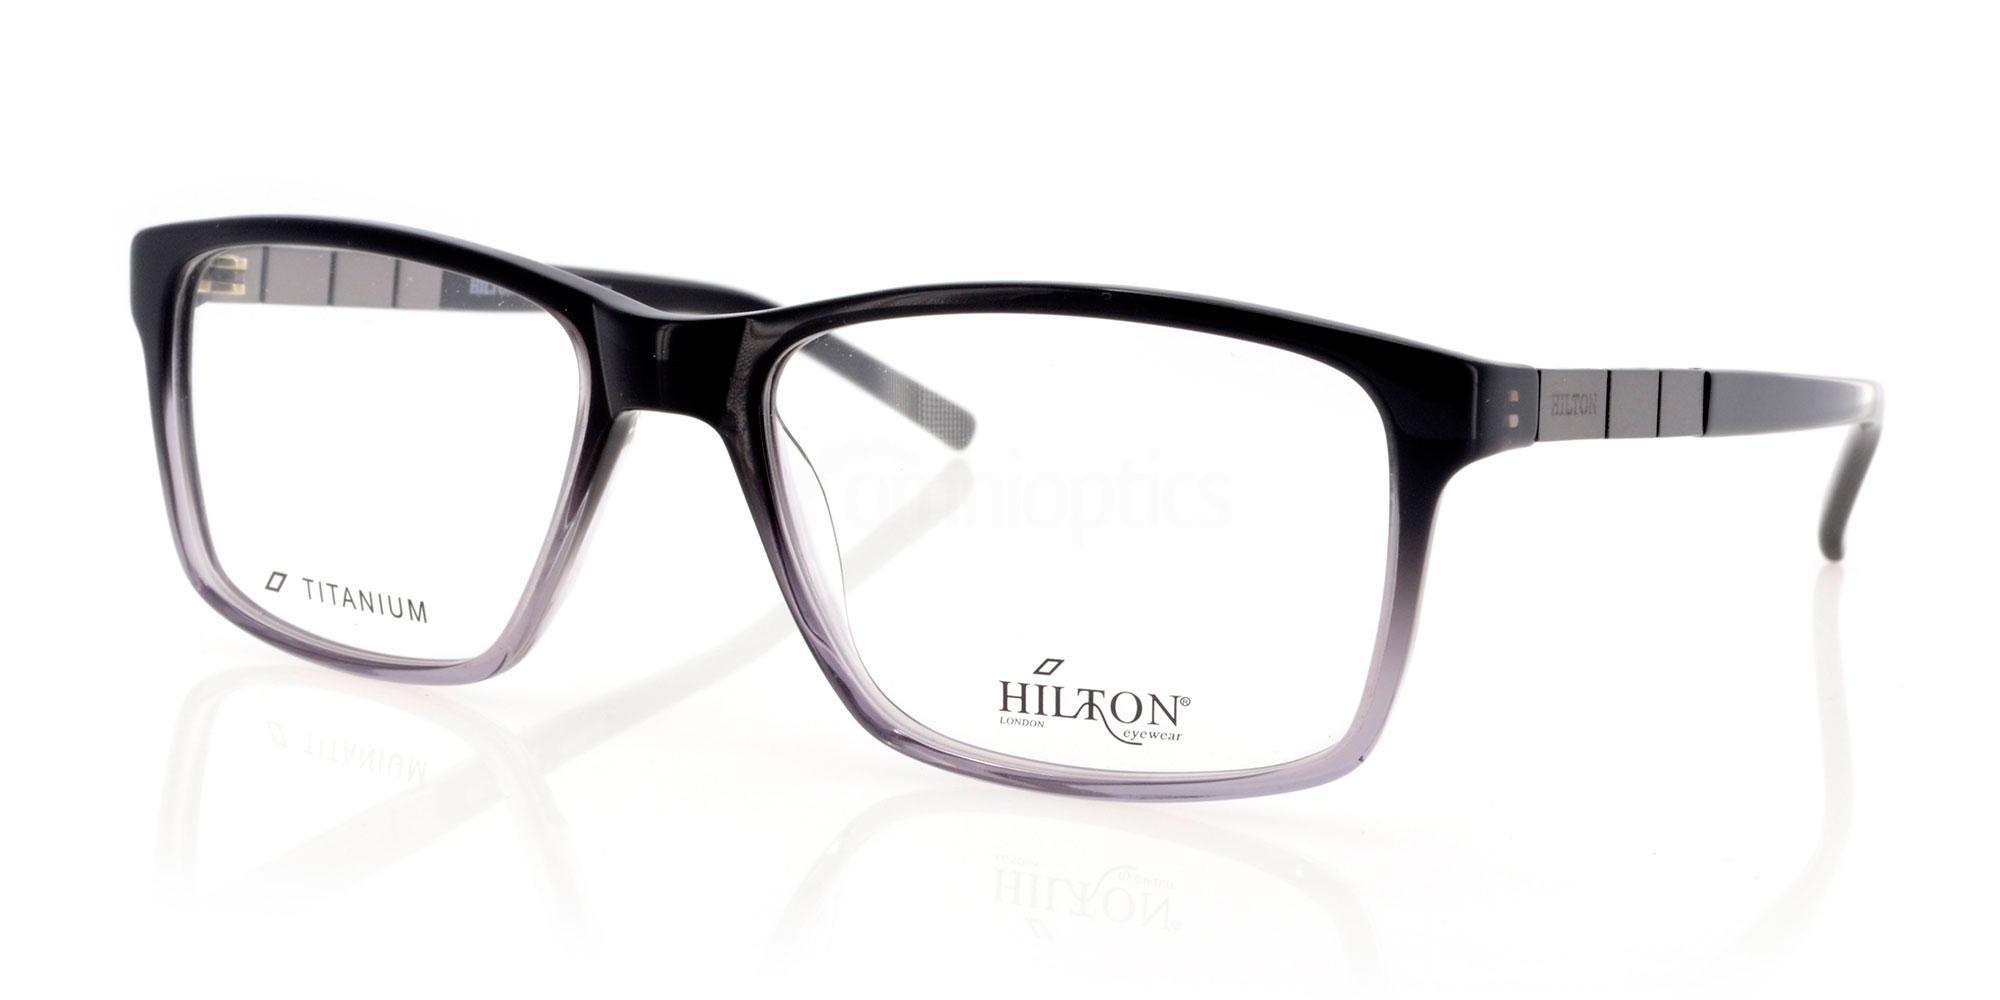 C1 HE 126 Glasses, Hilton